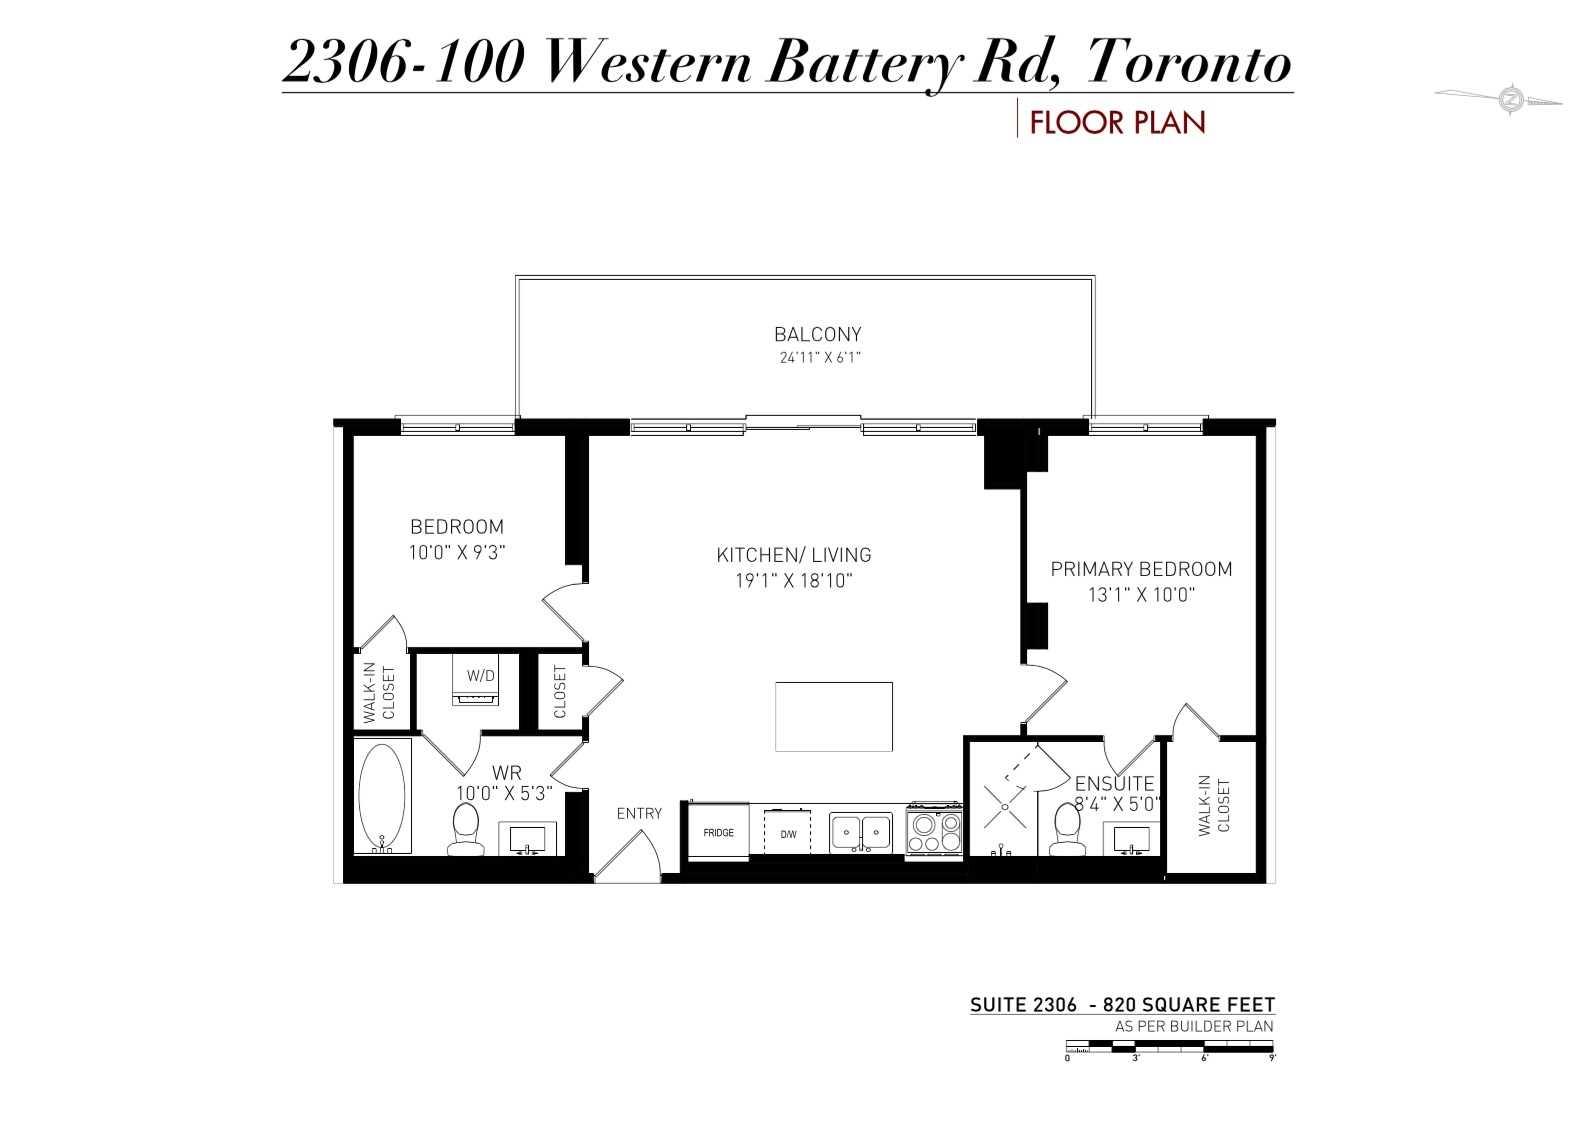 2306-100 Western Battery Road - Steve Jelenic Toronto